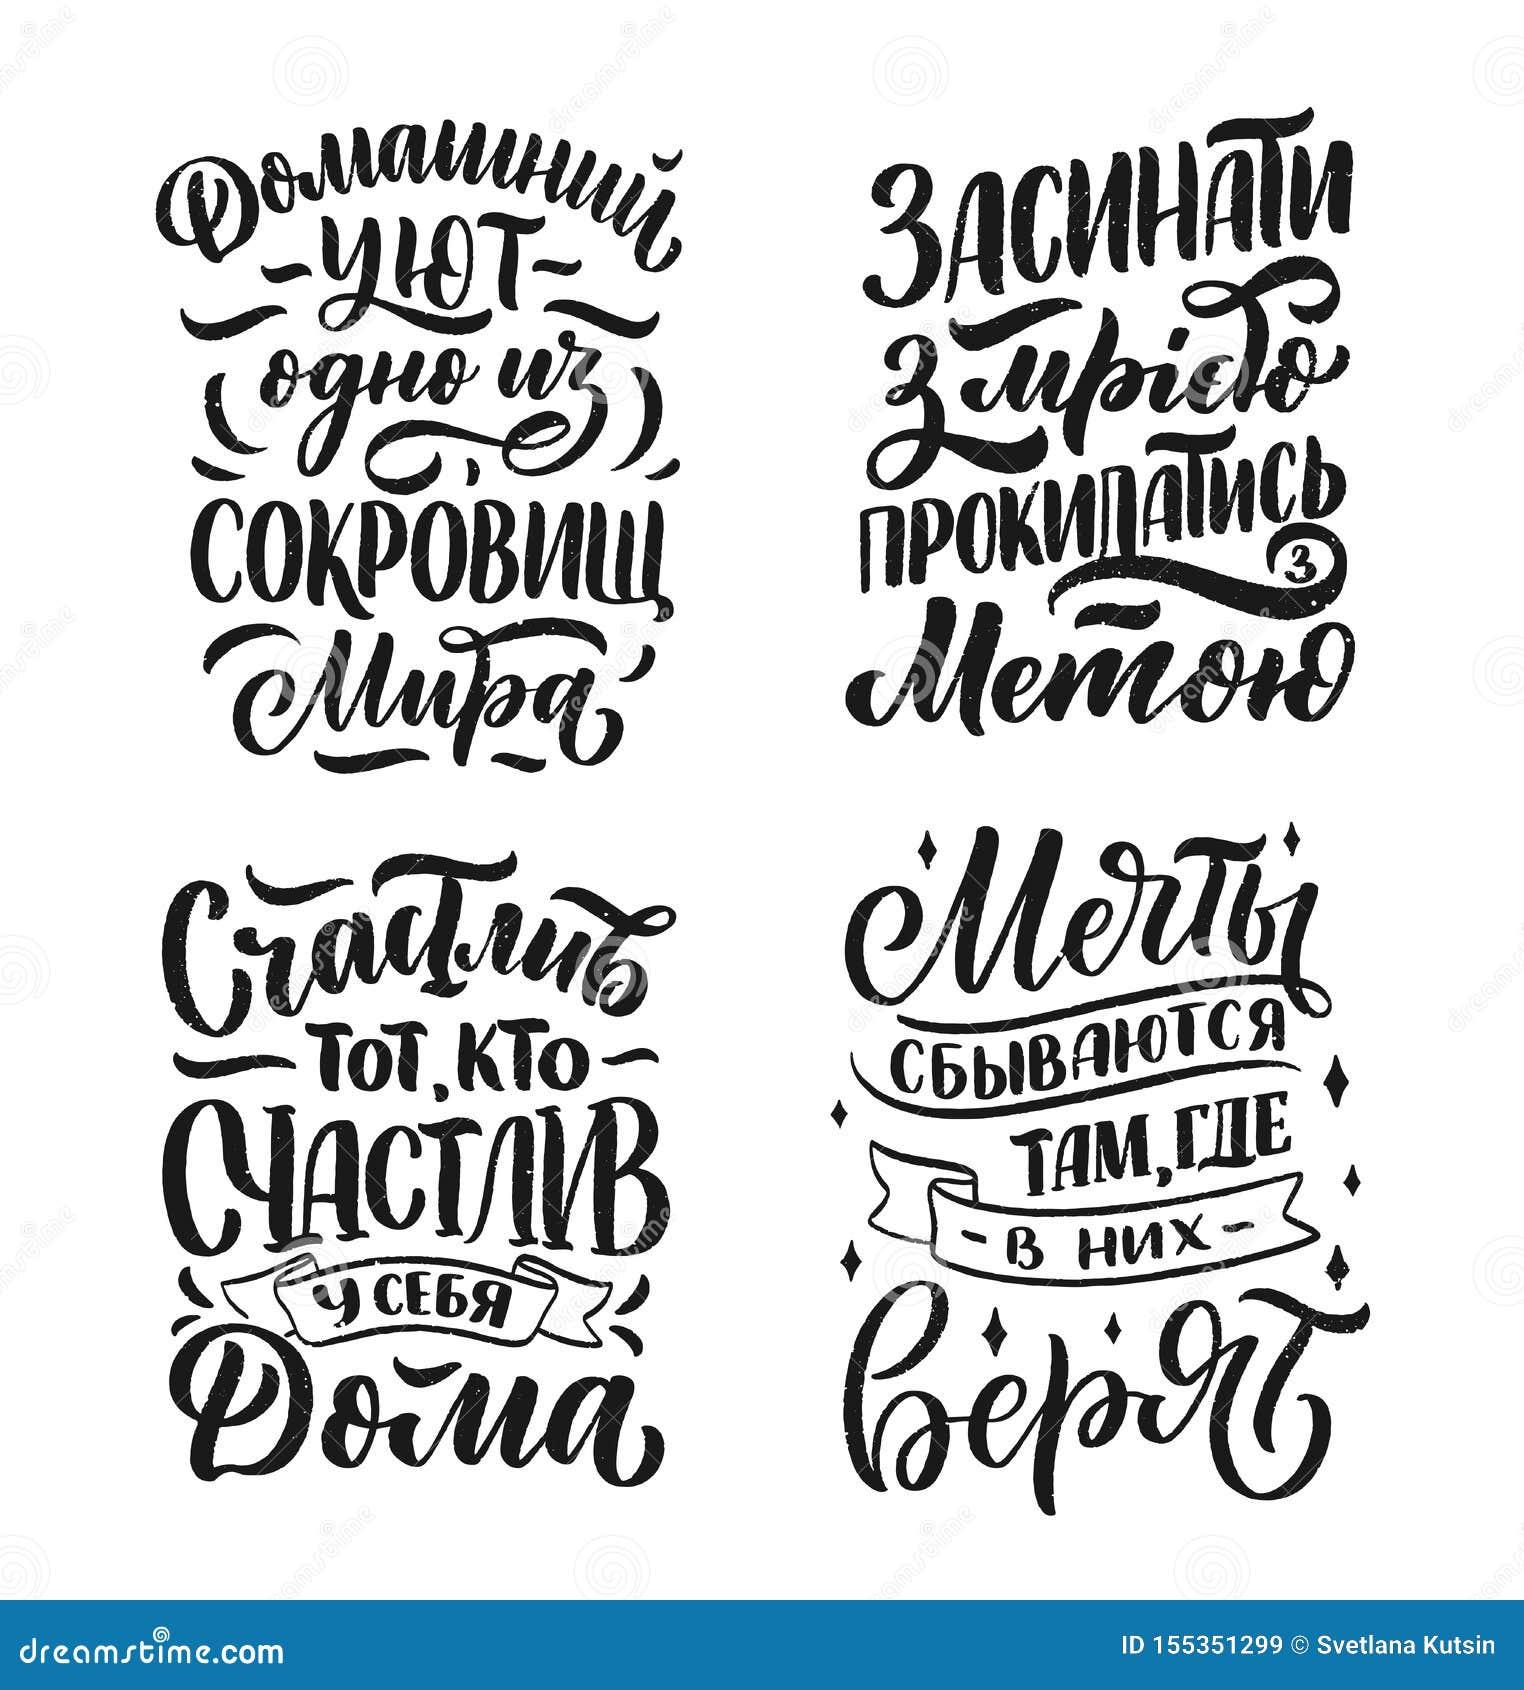 Plakaty na rosyjskim języku budzą się z celem, szczęśliwym - domowa wygoda jest jeden światów skarby, spada uśpiony z sen -